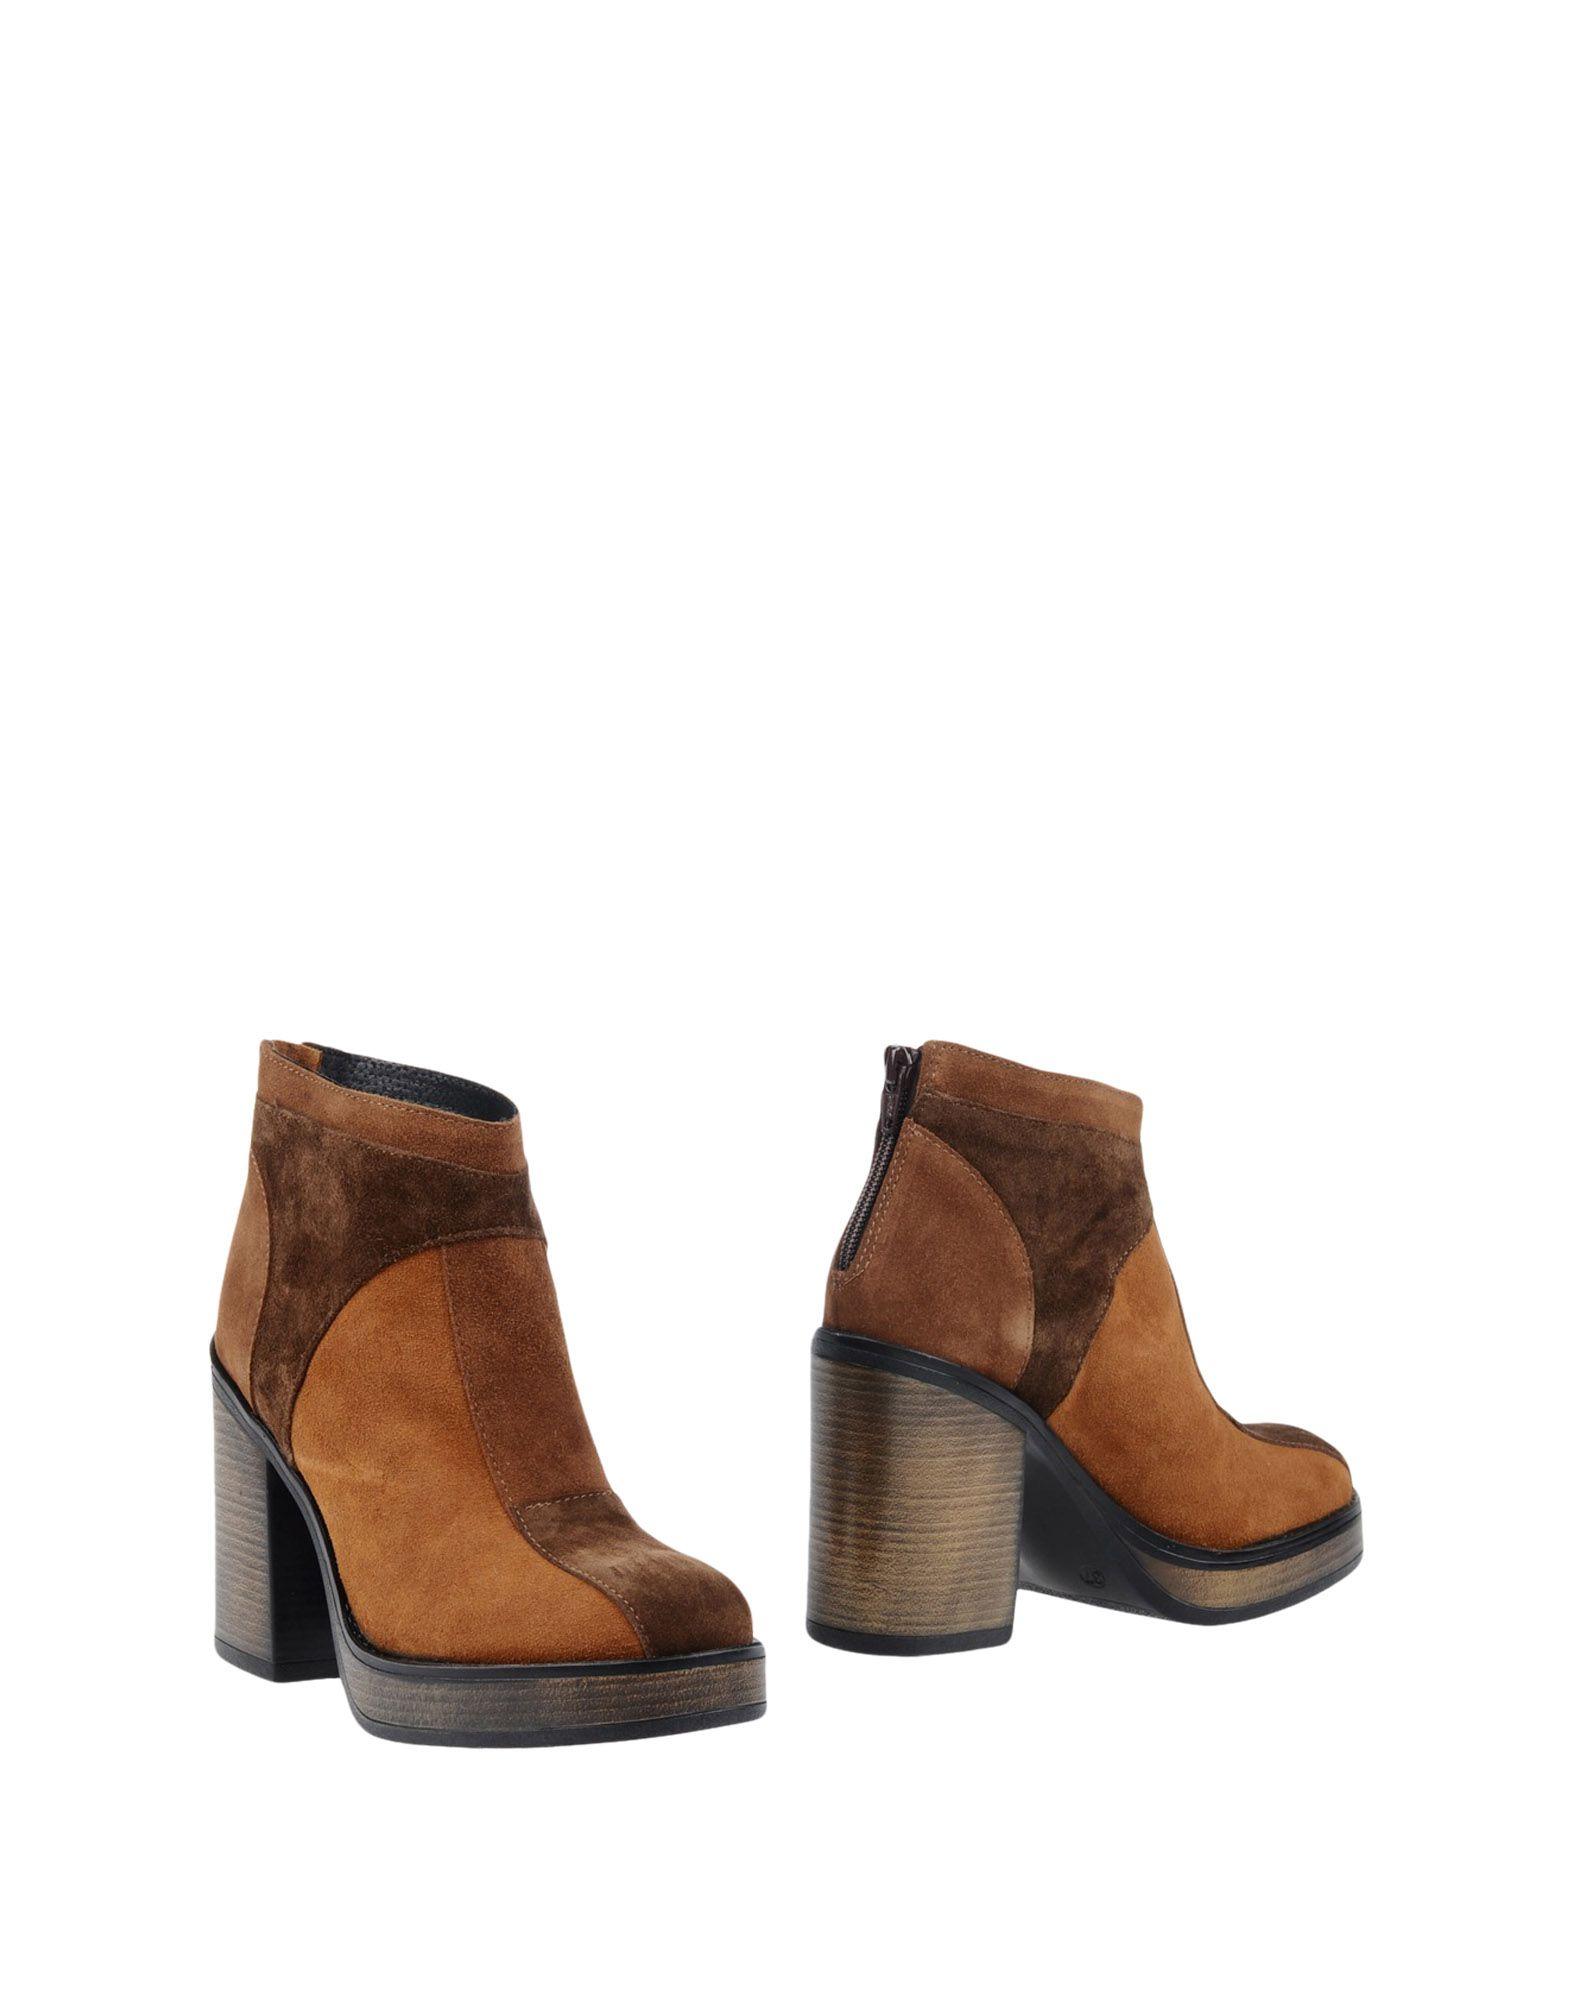 Unlace Stiefelette Damen  11274607DR Gute Qualität beliebte Schuhe